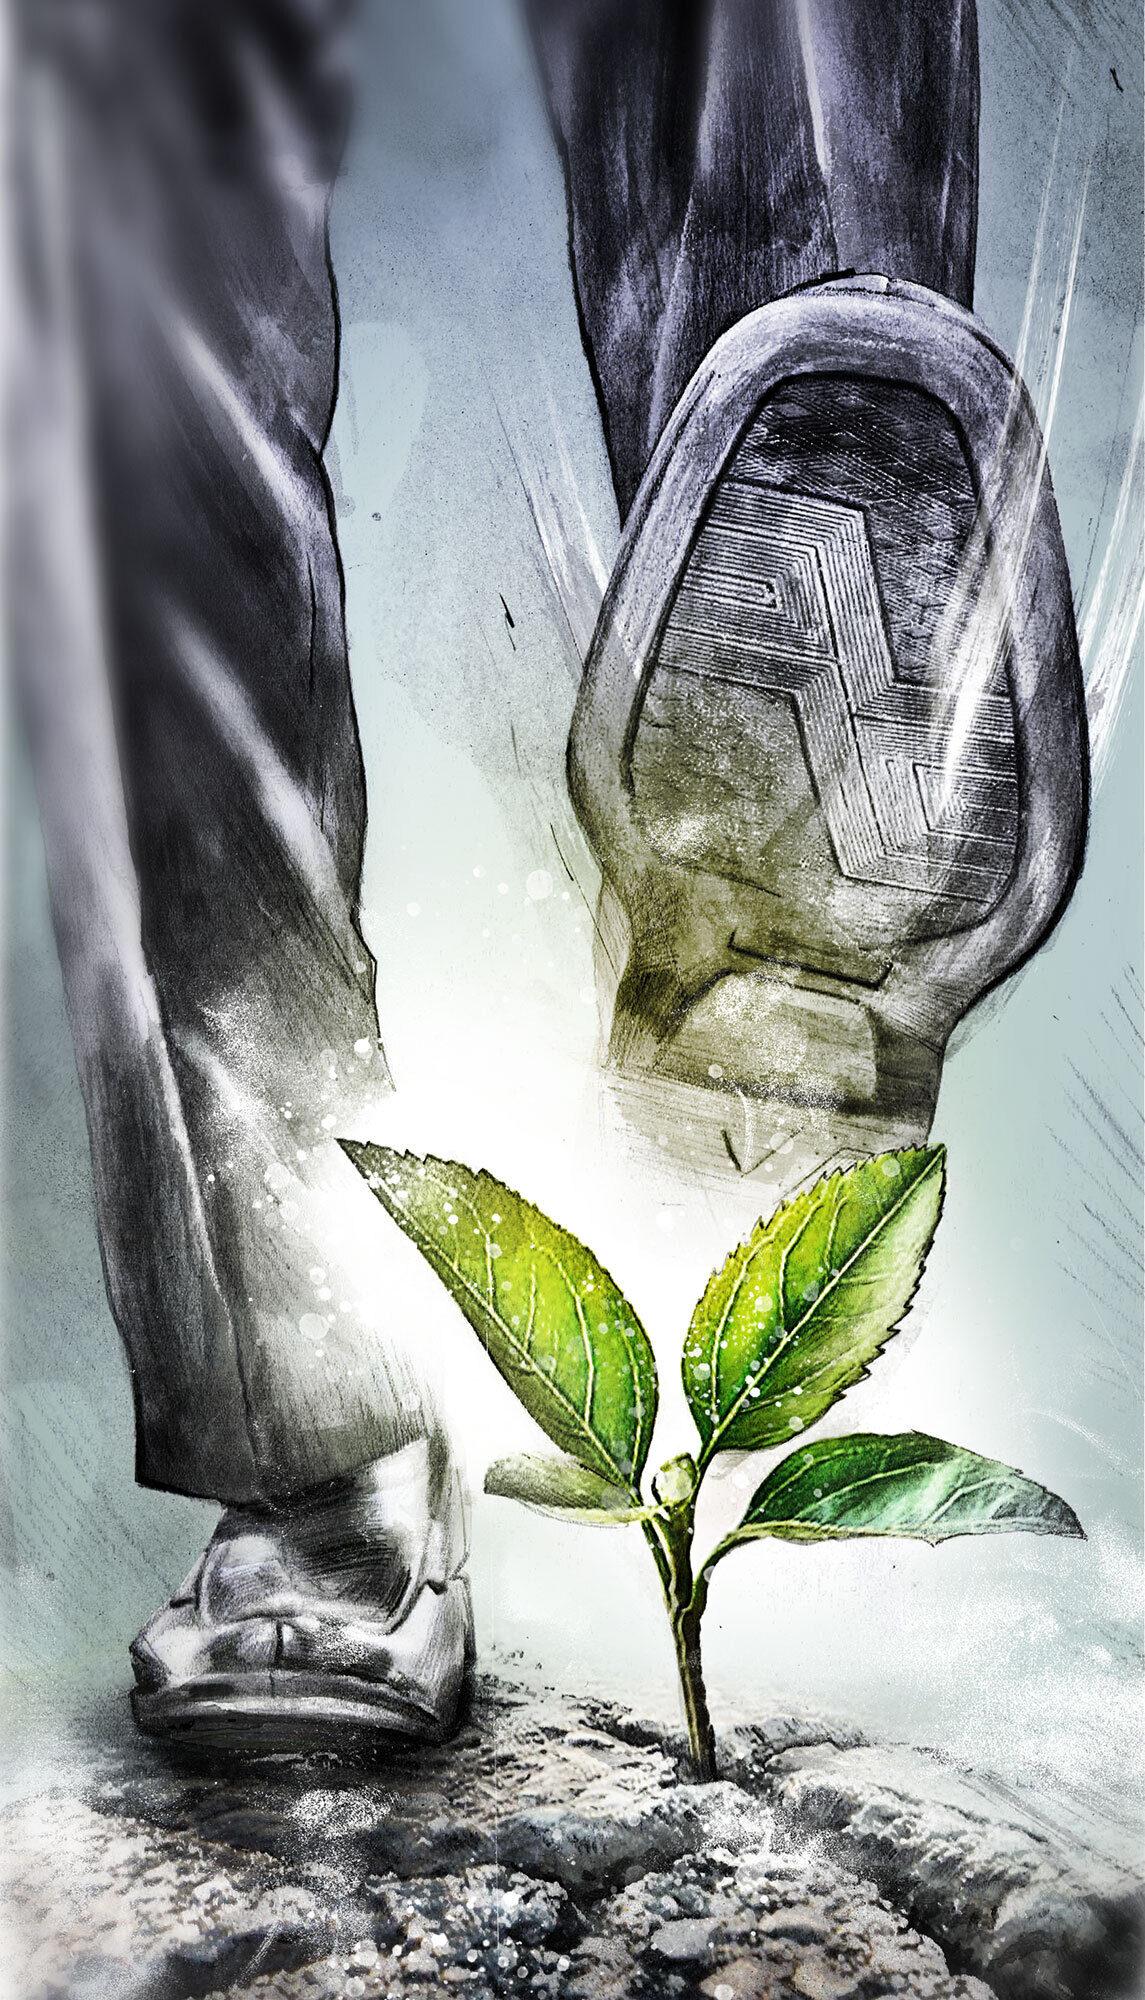 Gruene politik - Kornel Illustration | Kornel Stadler portfolio